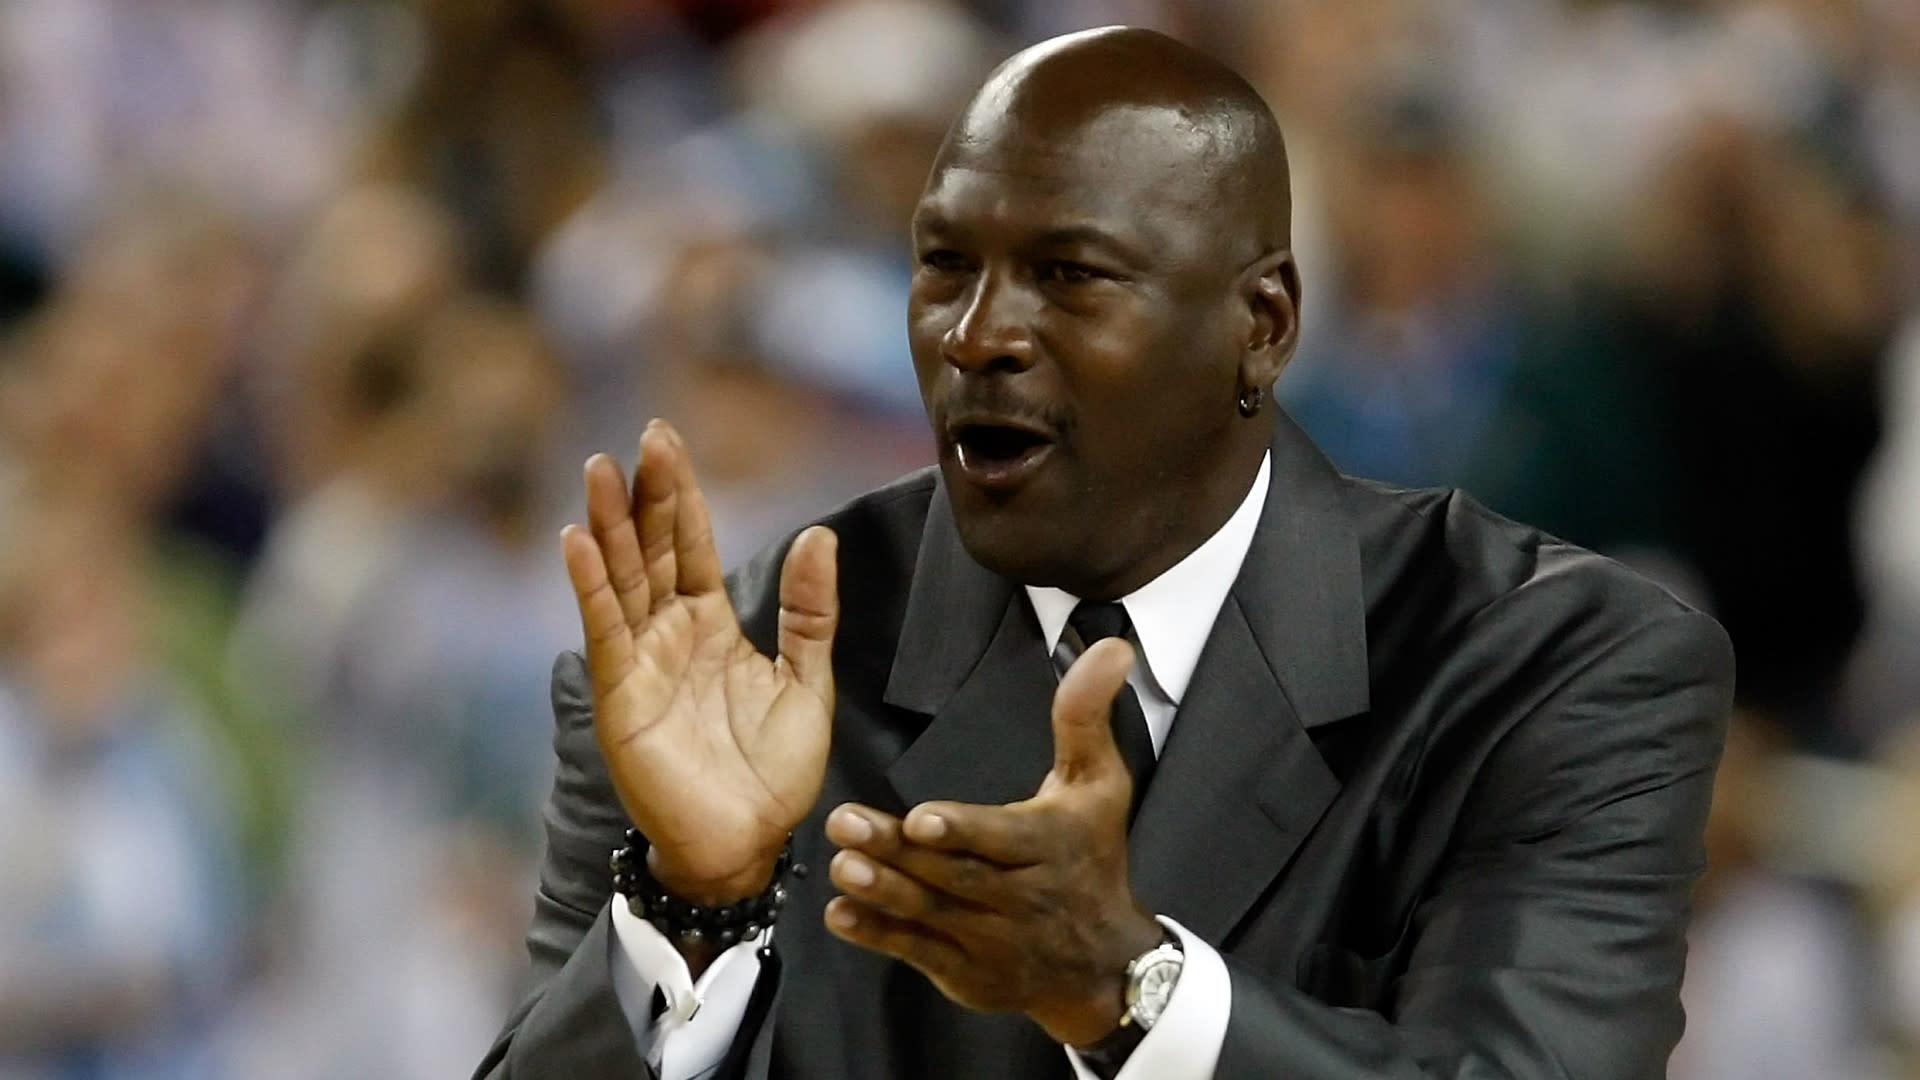 Ficha en espaïol de la trayectoria NBA de Michael Jordan con todas sus estadïsticas en playoffs temporada regular y allstars datos personales logros